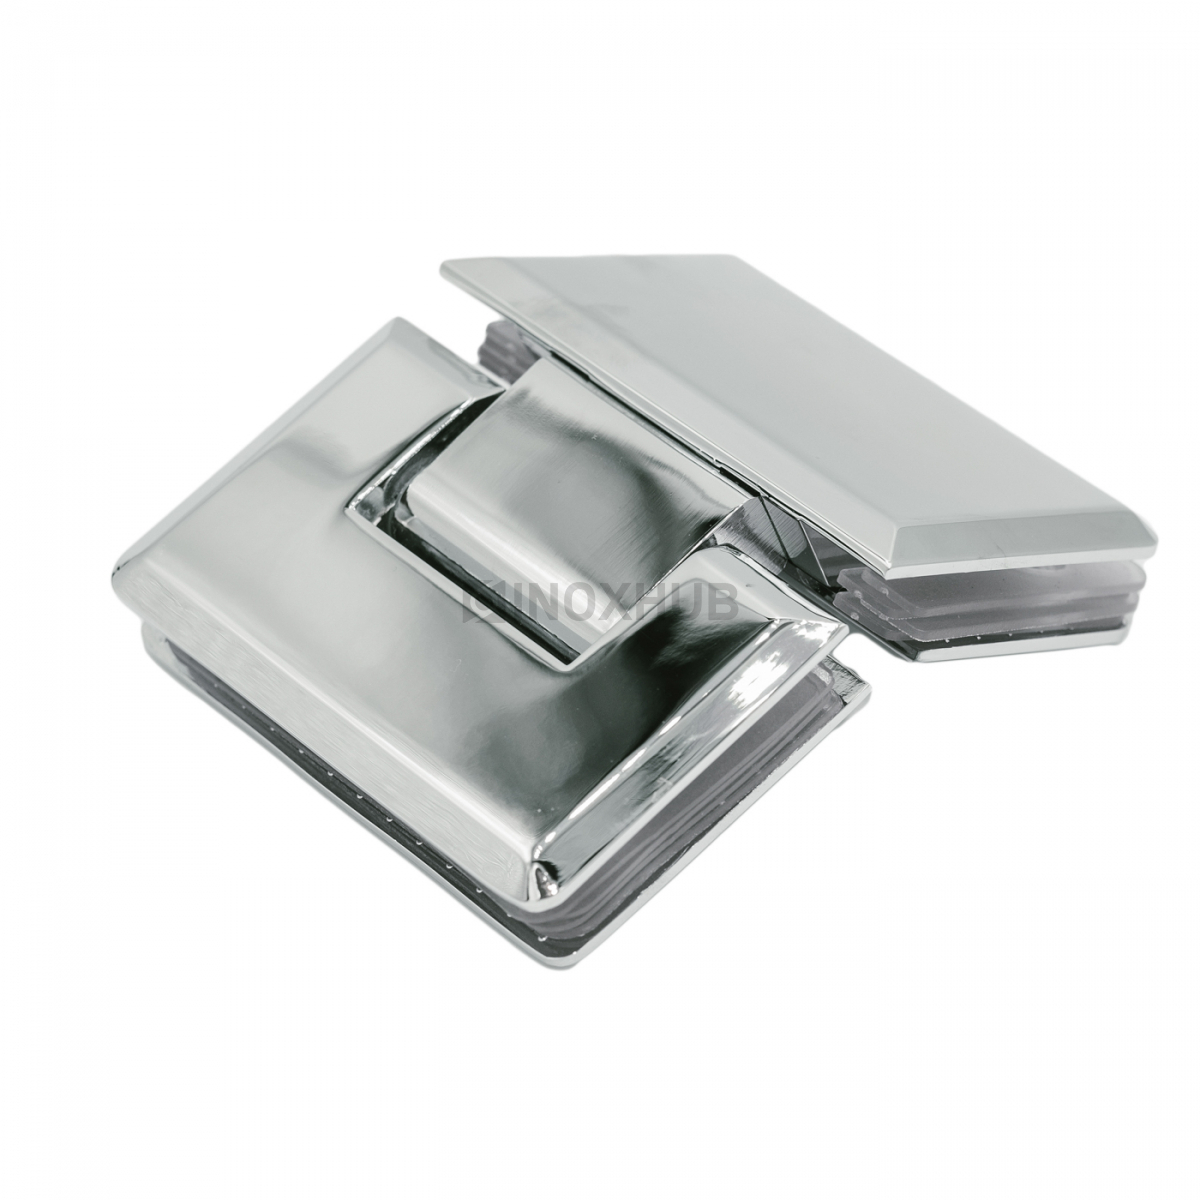 Петля (302 PC) стекло-стекло 135°, хром полированный